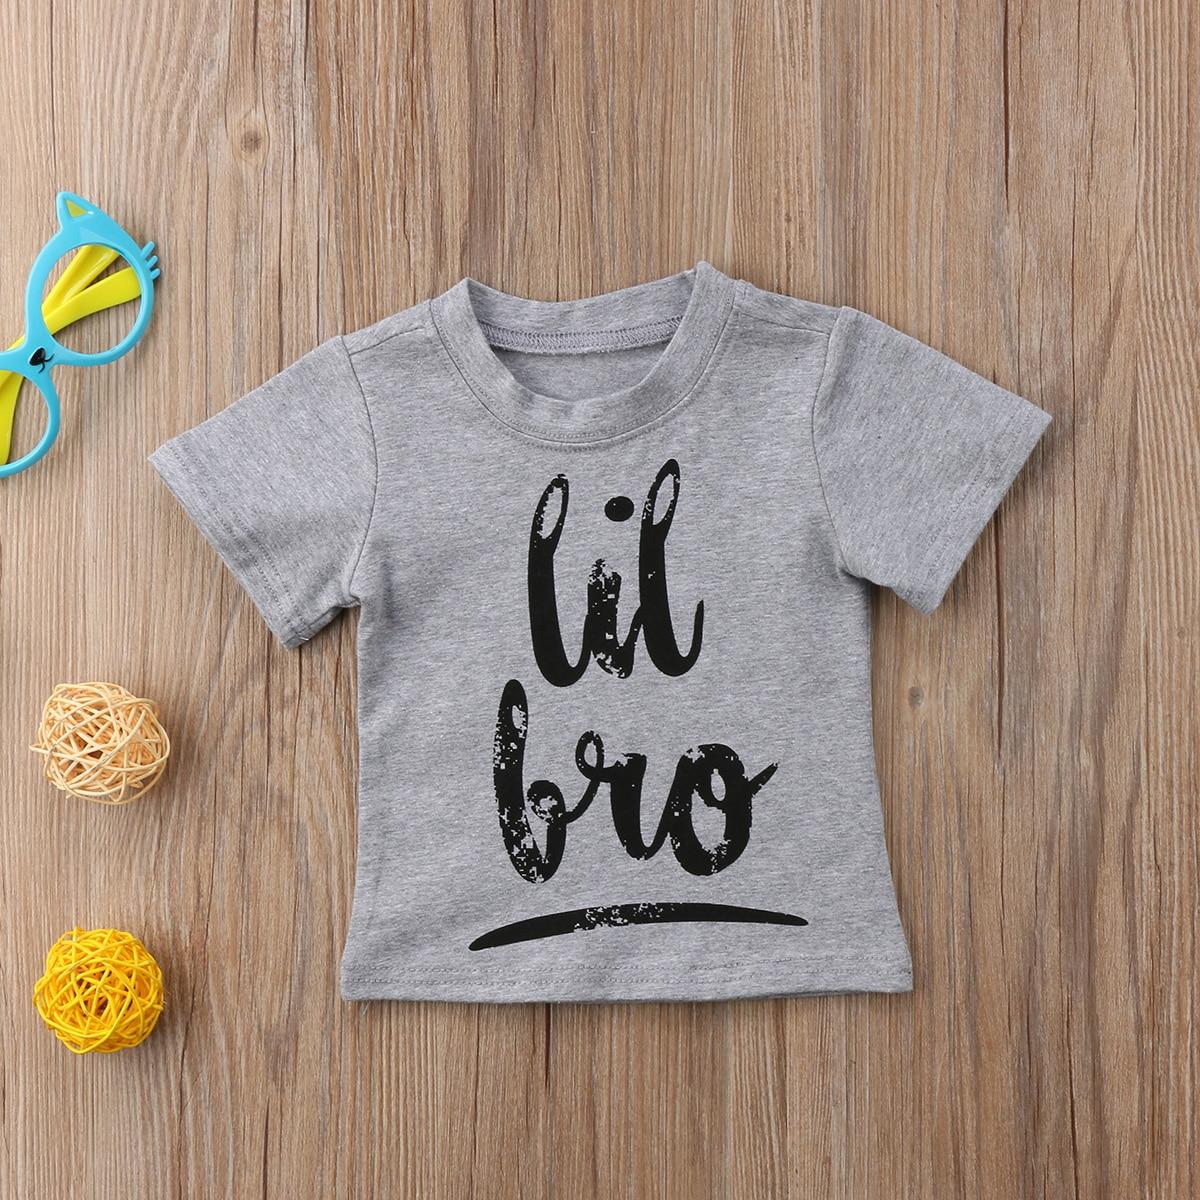 Schnelle Lieferung Heiße Neue Marke Kinder Kleinkind Baby Jungen Mädchen Brother Schwester Sommer Kurzarm Baumwolle Top Brief T-shirt Casual 0- 24 M